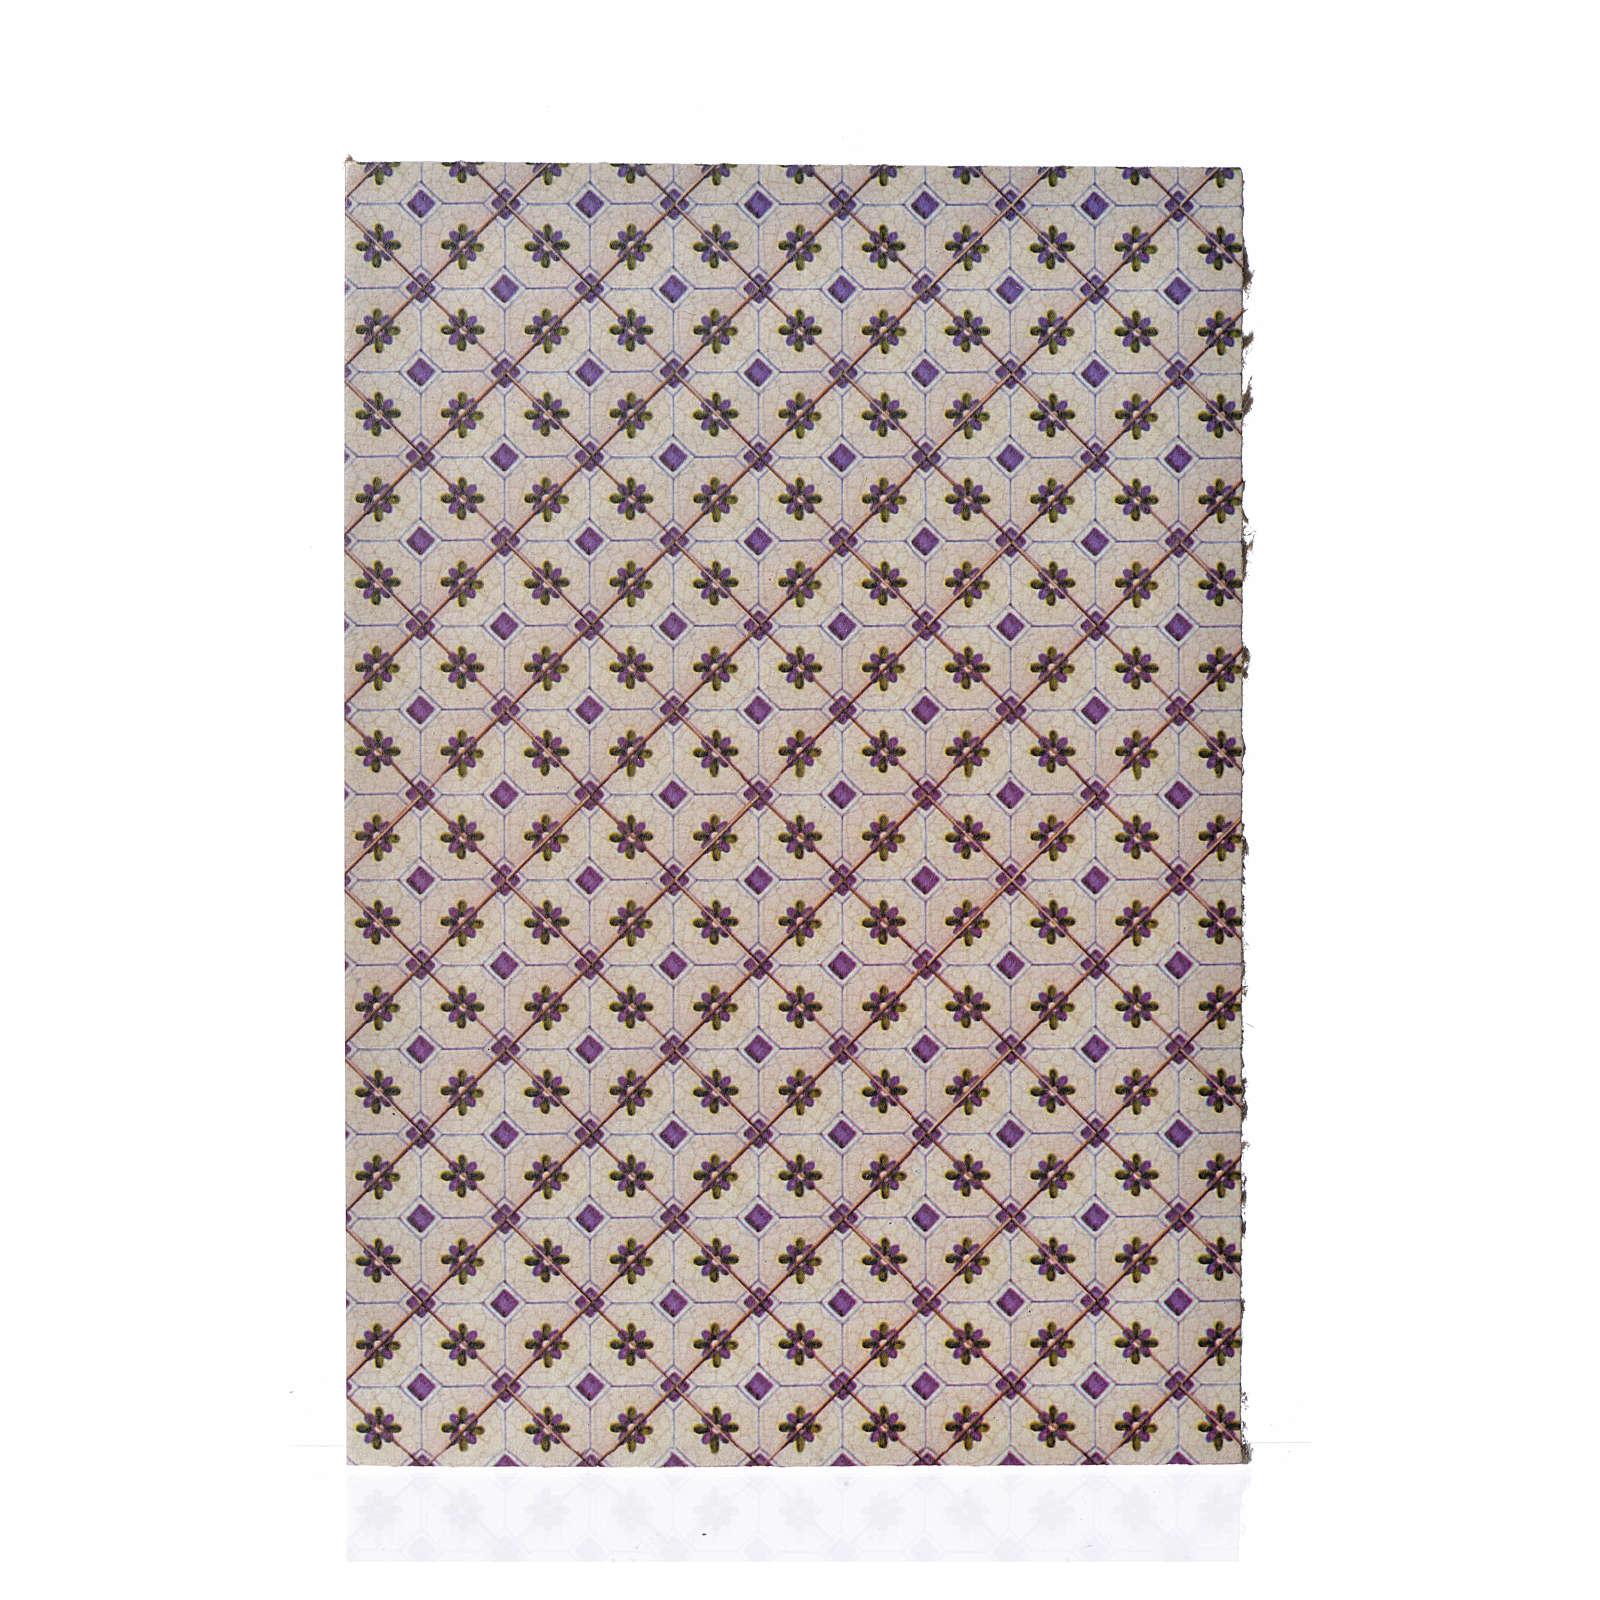 Carton pour revêtement sol losanges 24x16,5 cm, épais 4